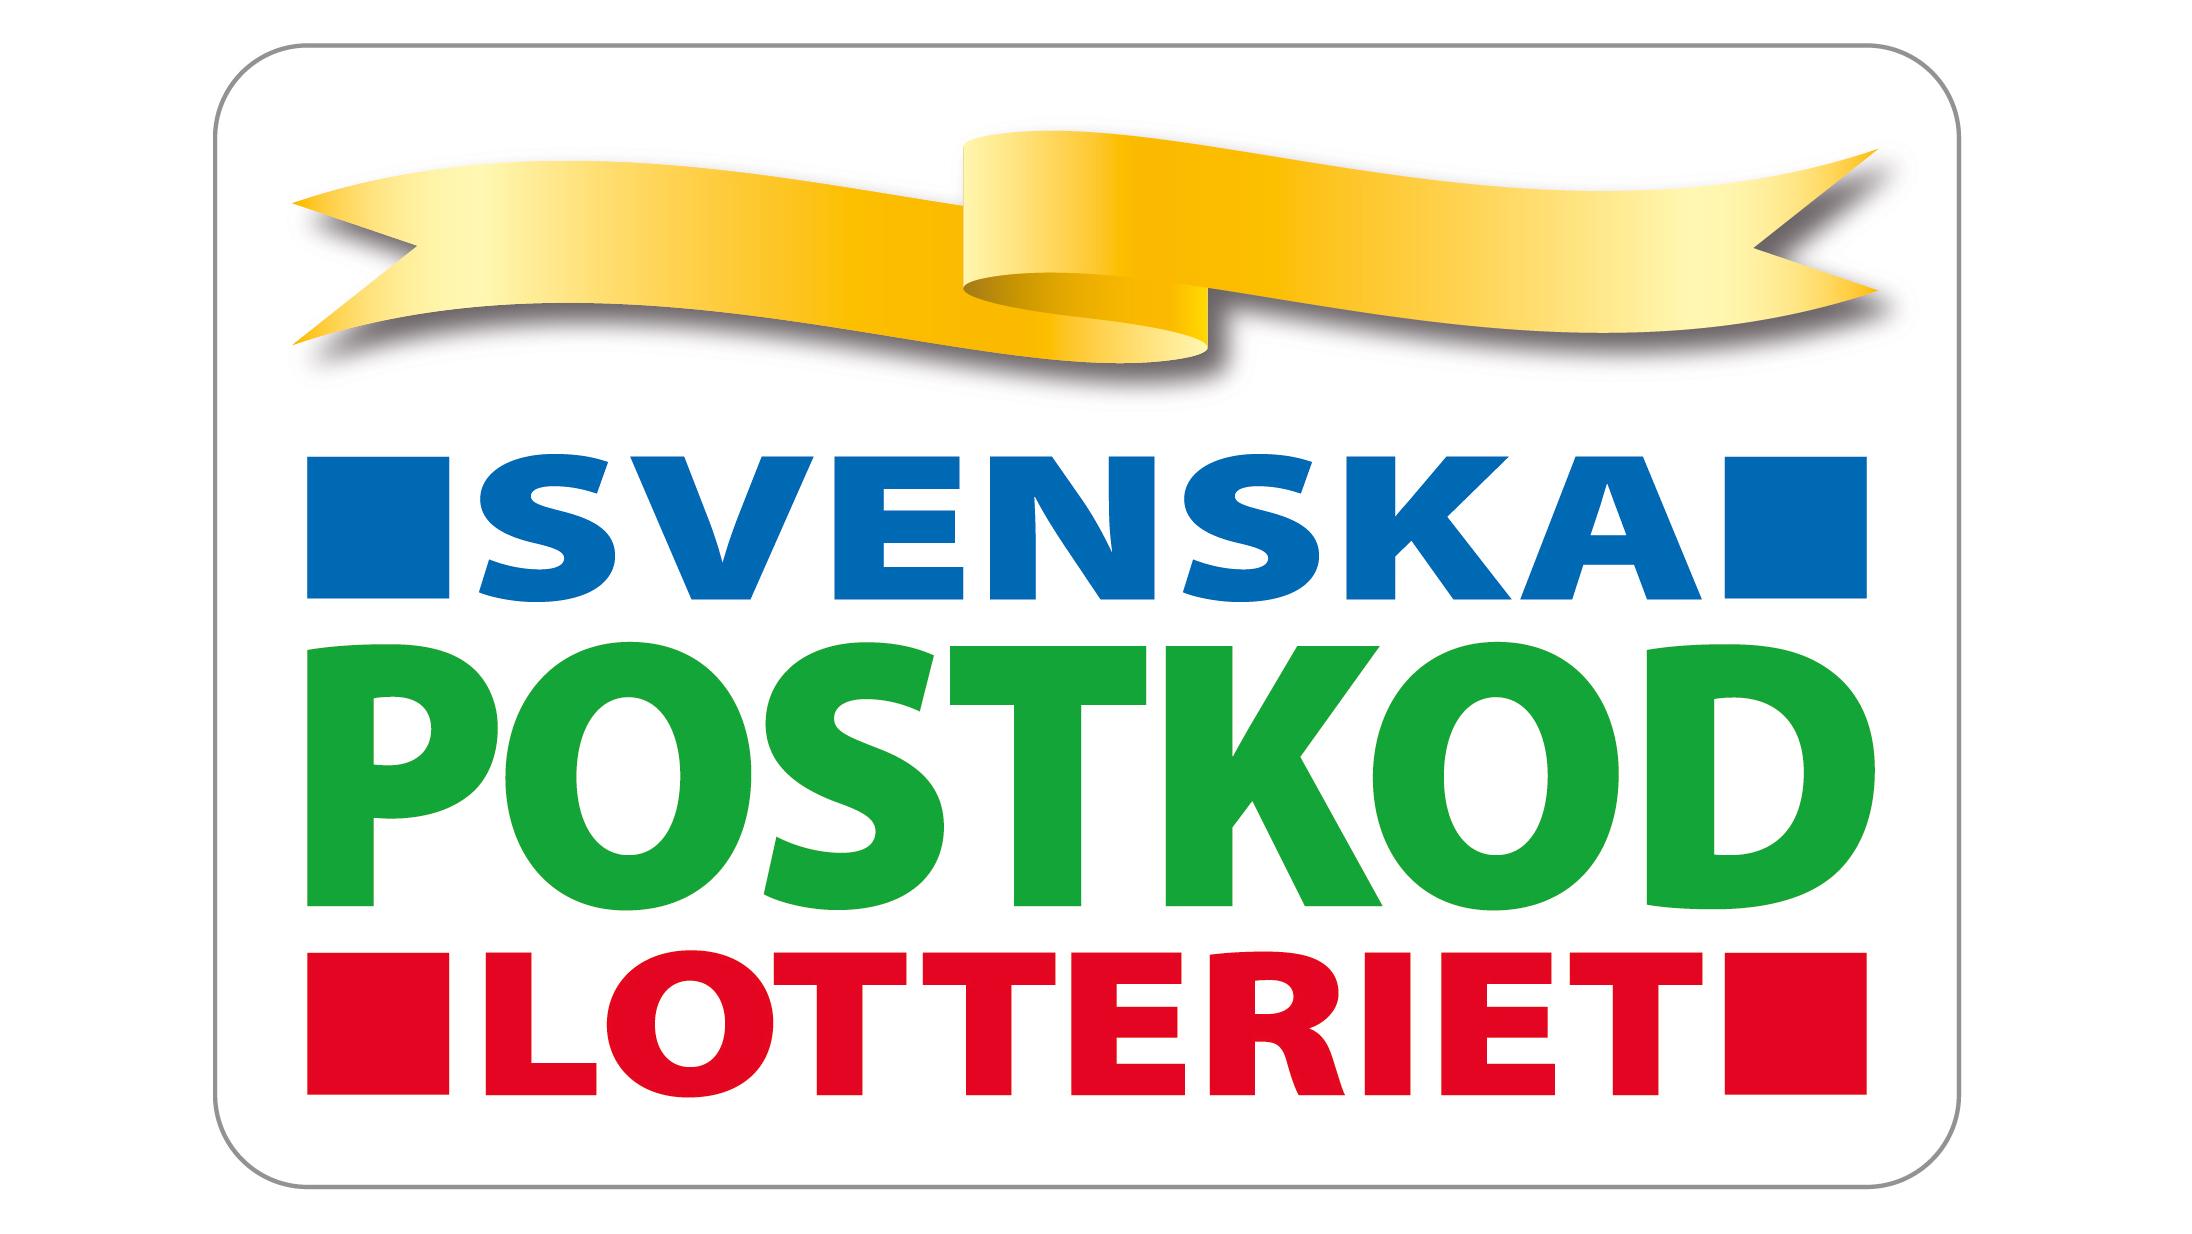 logotyp för Friends huvudpartner Svenska Postkodlotteriet